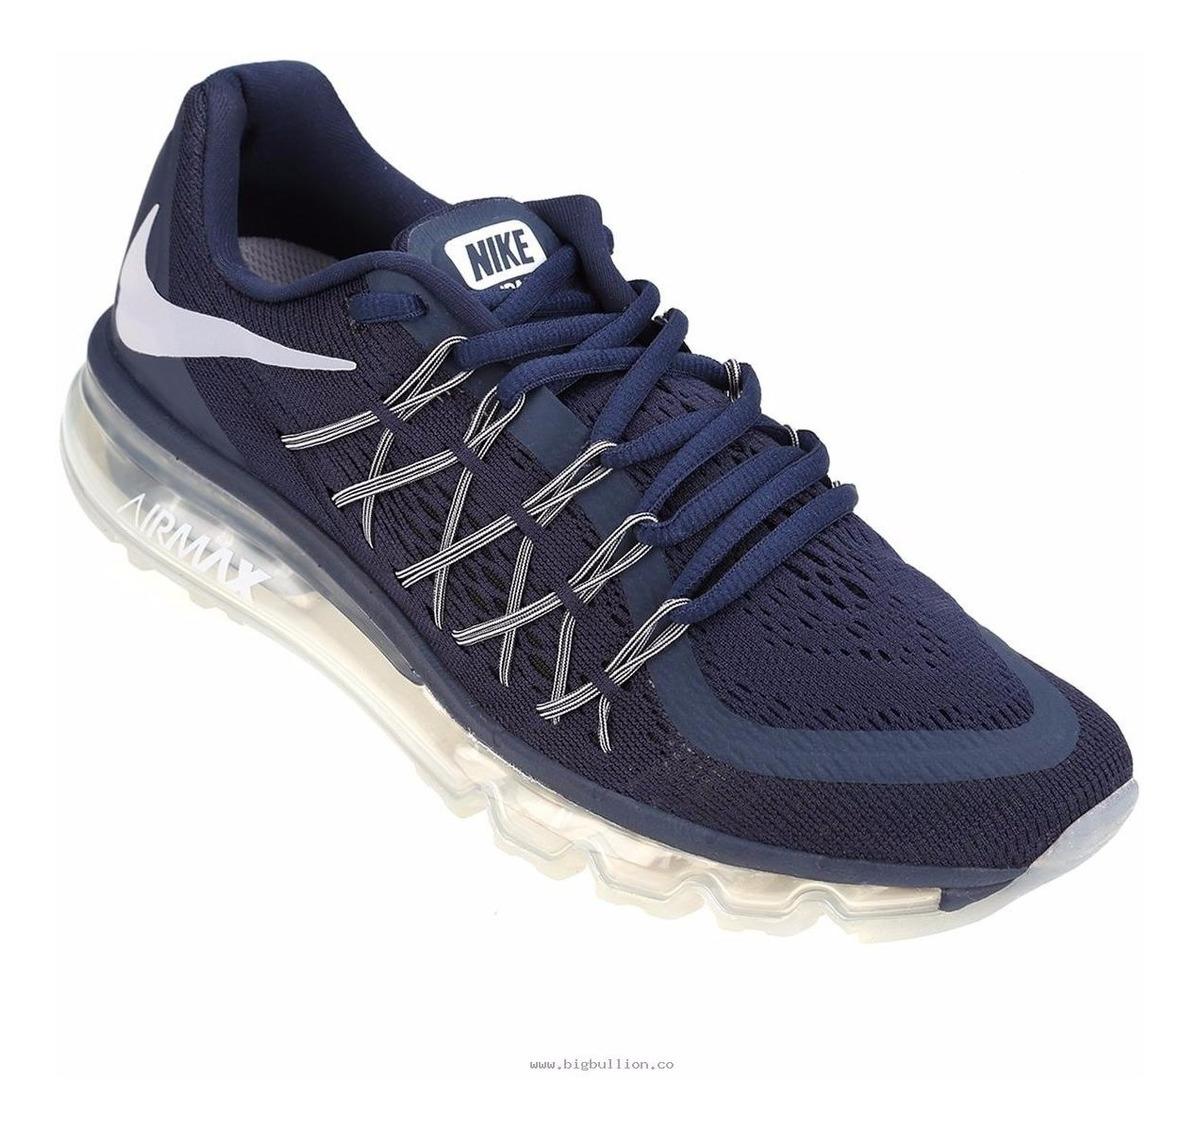 Jueves Nike Air Max 2015 (us6) (uk5,5) Cm 24 2842